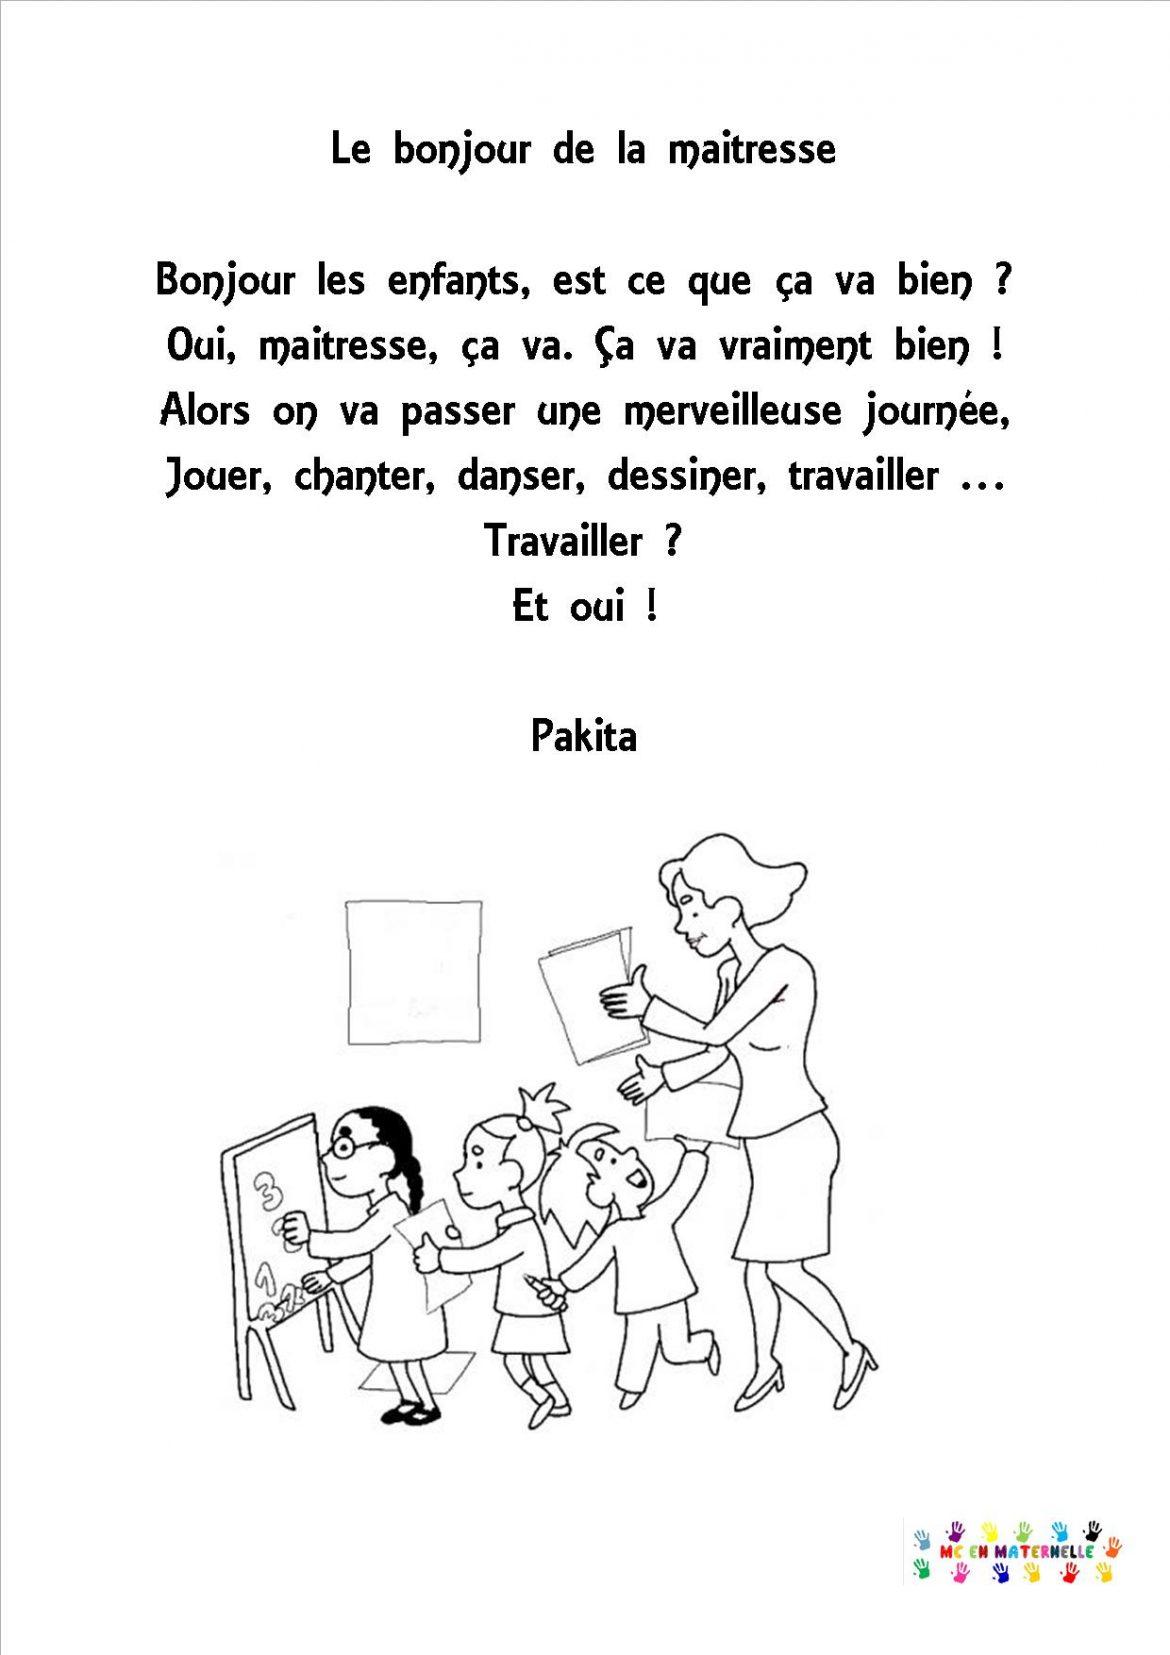 Chansons comptines page 3 mc en maternelle - Coloriage pour la maitresse ...